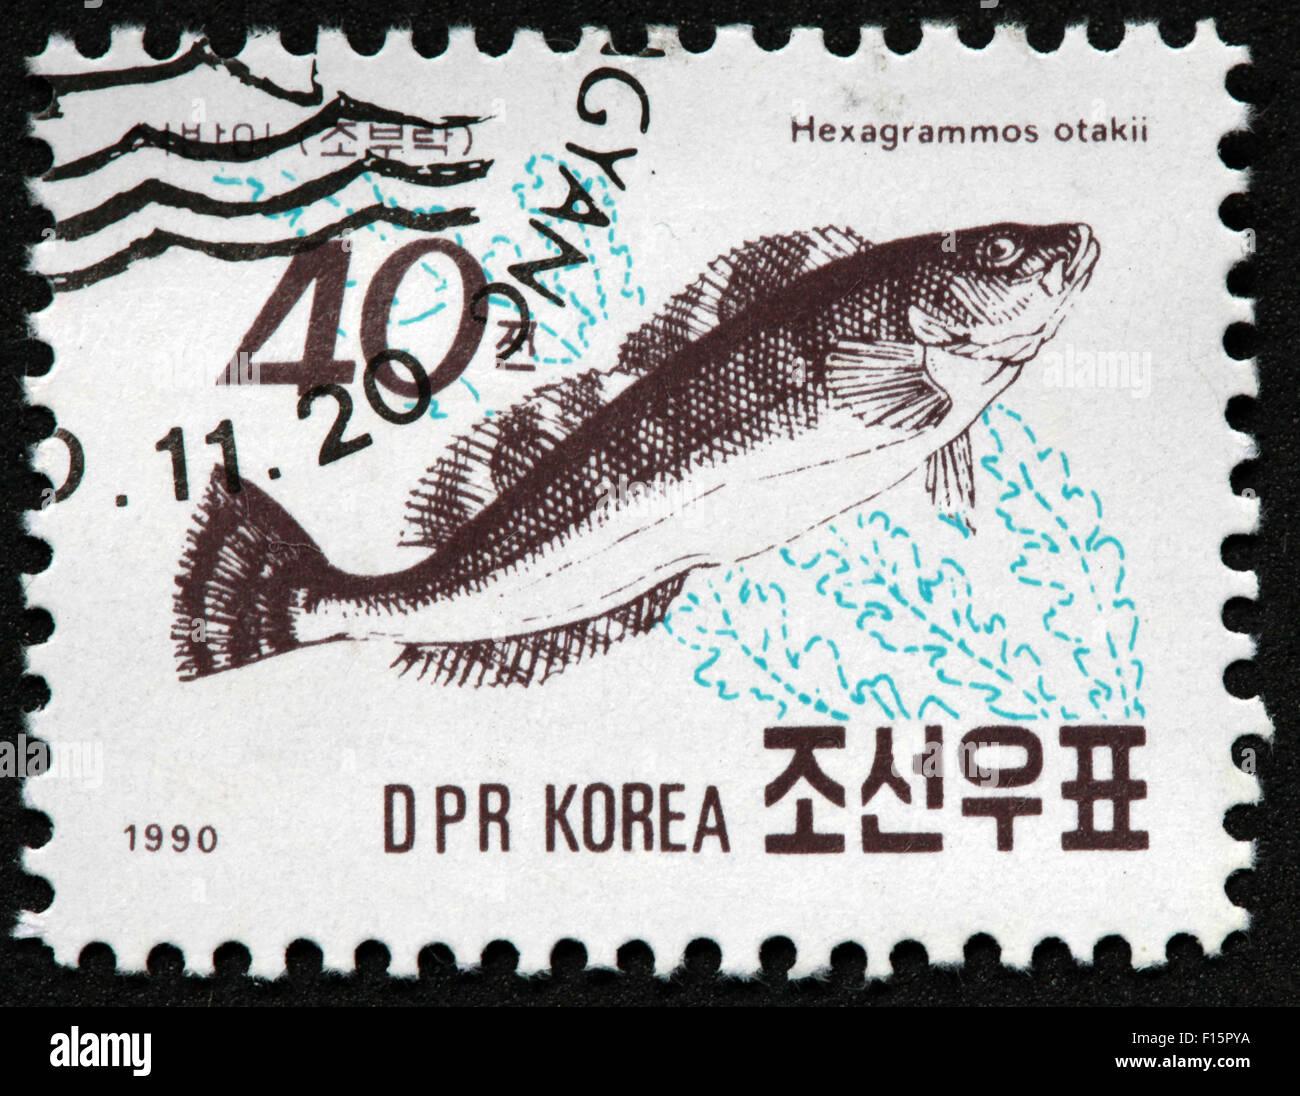 Rpd di Corea 1990 Hexagrammos otakii pesce marrone di erbaccia timbro Foto Stock